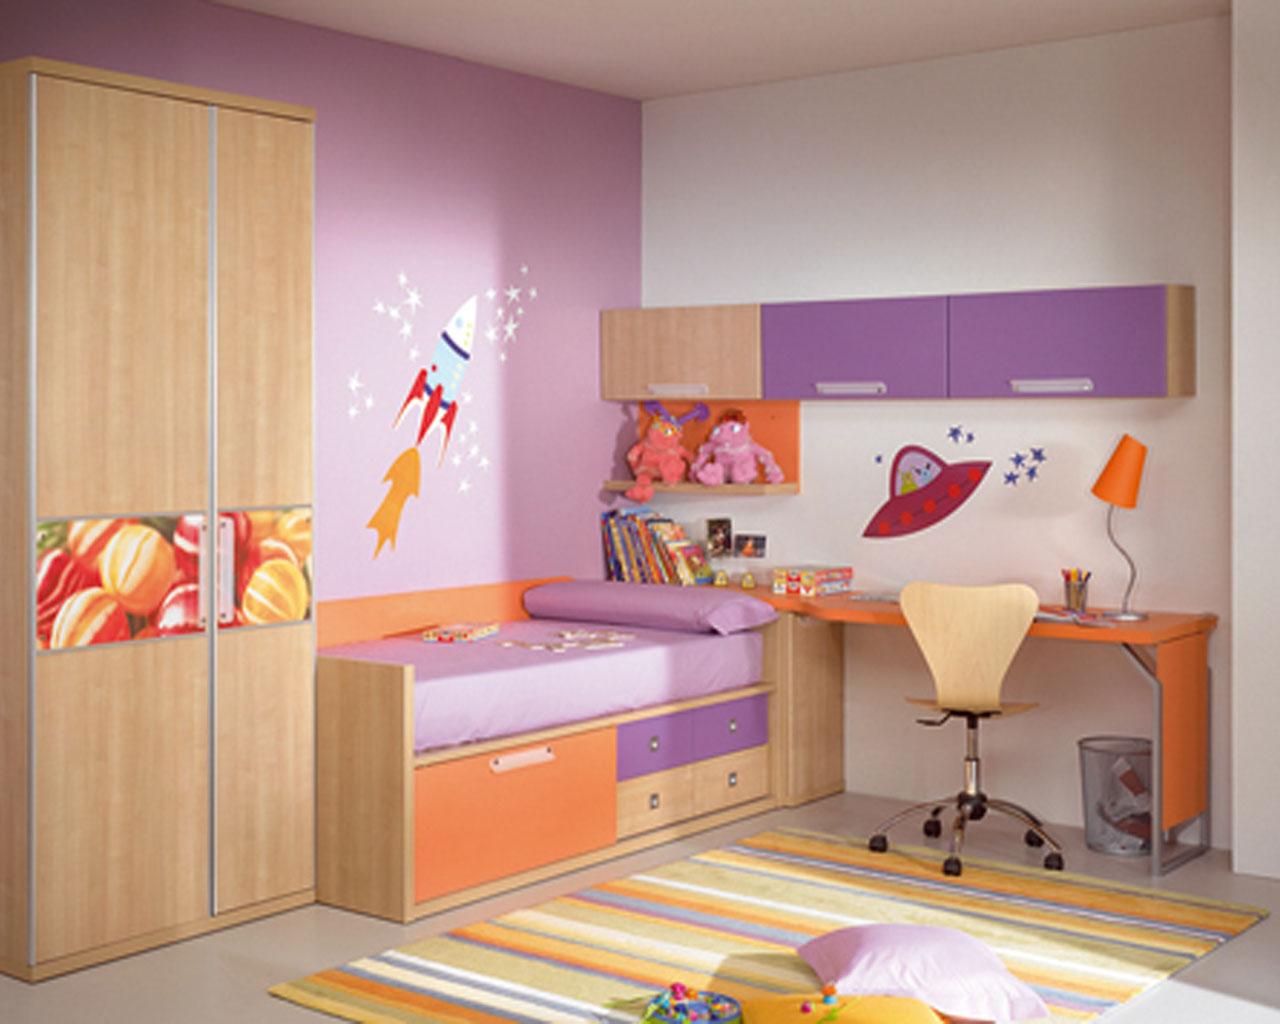 Мебель дизайн детской